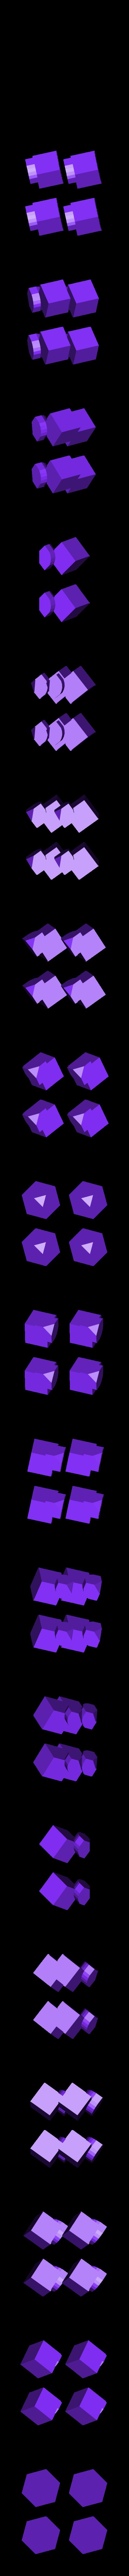 4x_corner.stl Télécharger fichier STL gratuit Rubik's Magic Cube • Design à imprimer en 3D, Jimmydelgadinho45